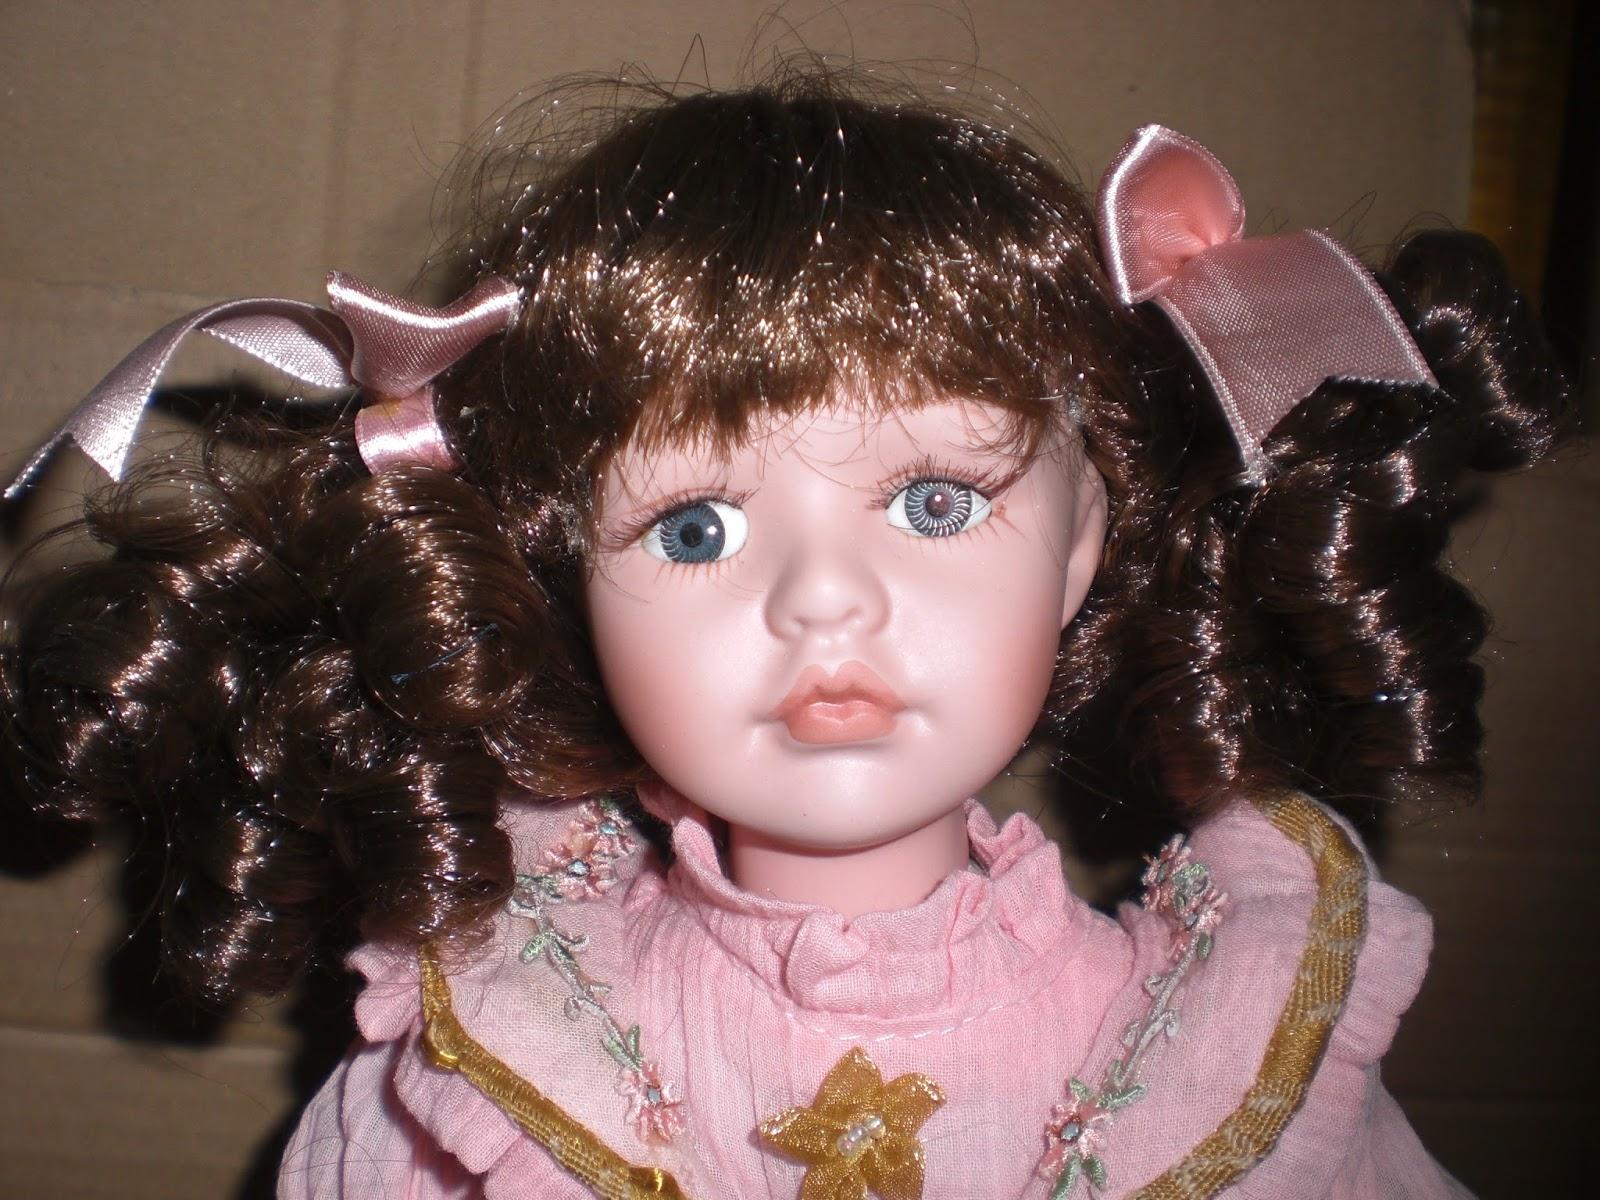 176623b5d17e I capelli sono castani tutti boccolosi e l acconciatura è formata da due  codine legate da un nastrino color rosa antico e una frangetta.